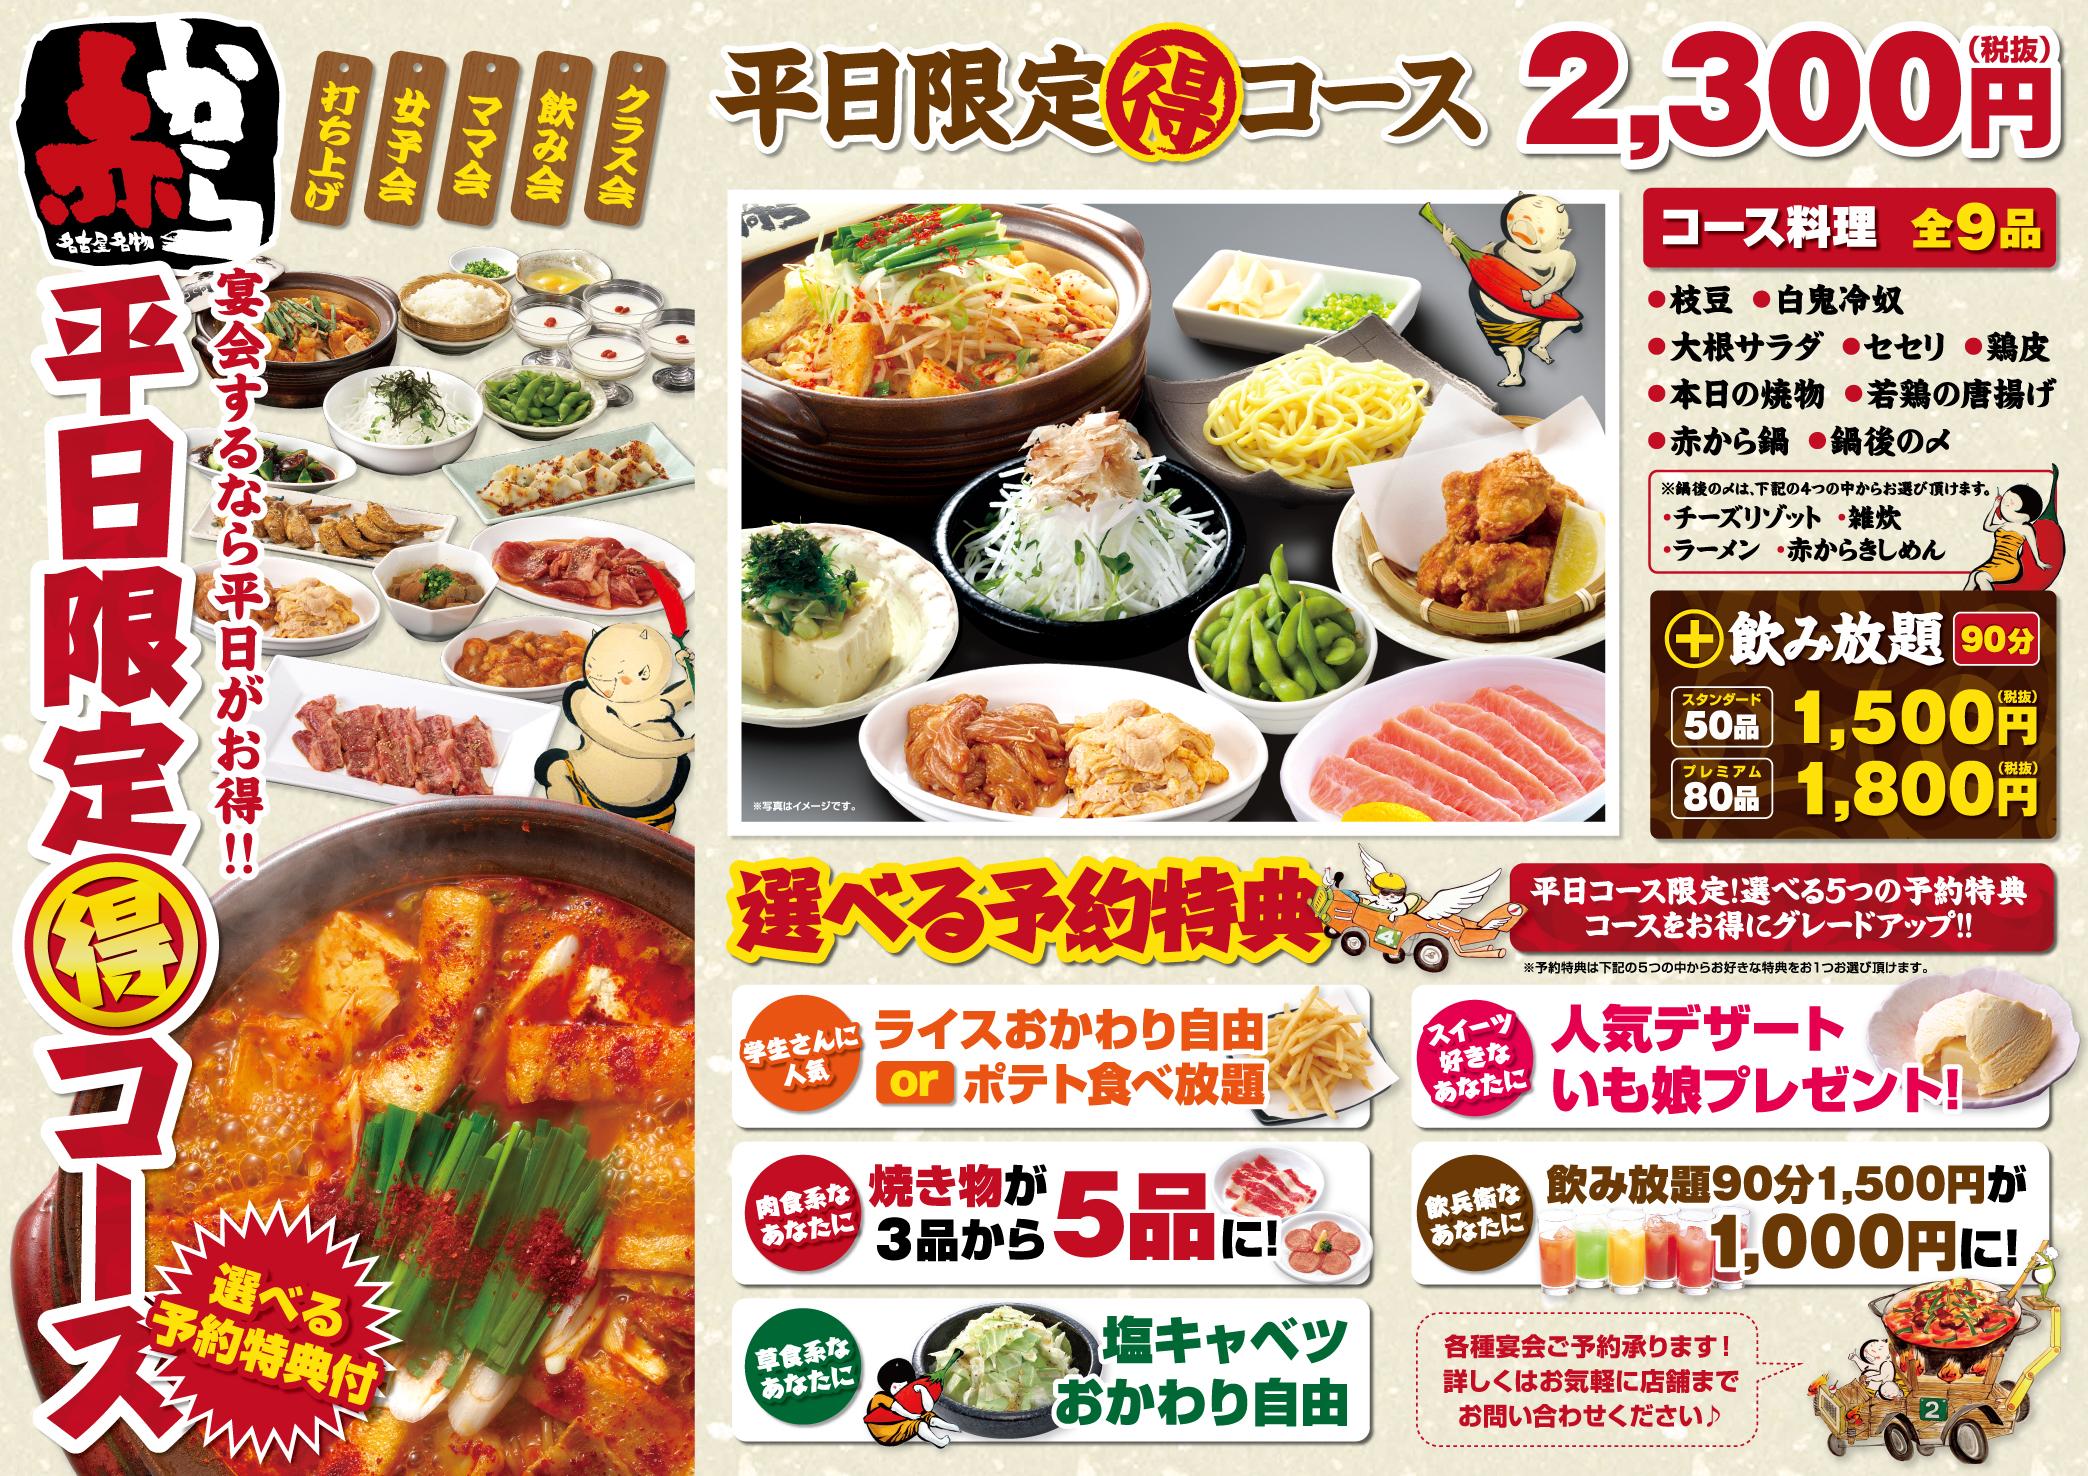 平日(月~金曜日)限定 平日まる得コース!!